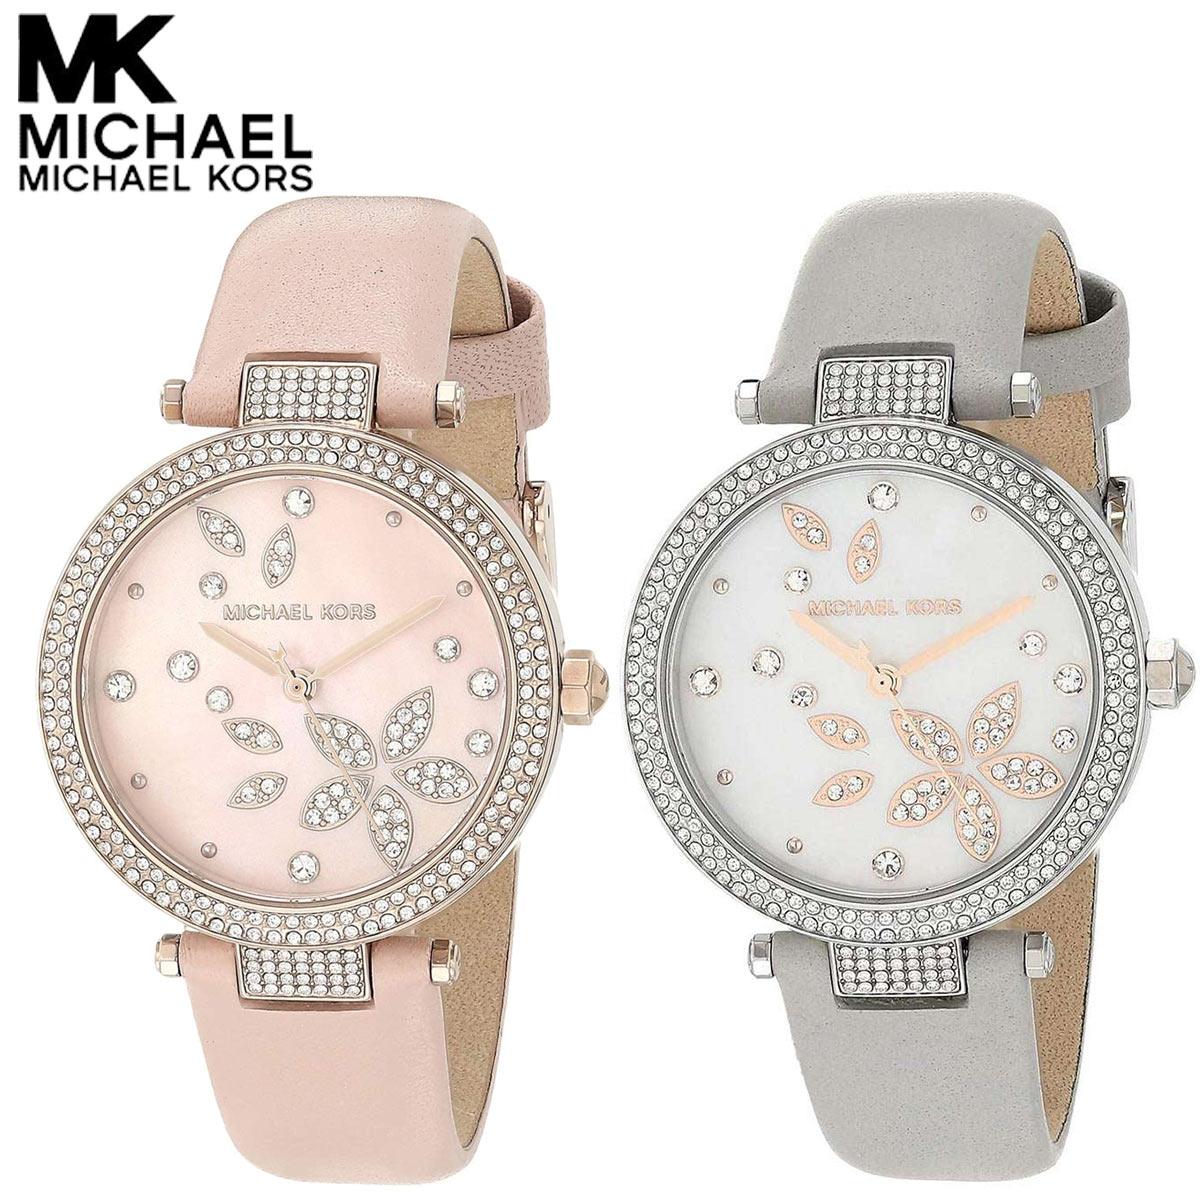 パーカー レディース 時計 おしゃれ マイケルコース Parker Michael ブランド 腕時計 Kors